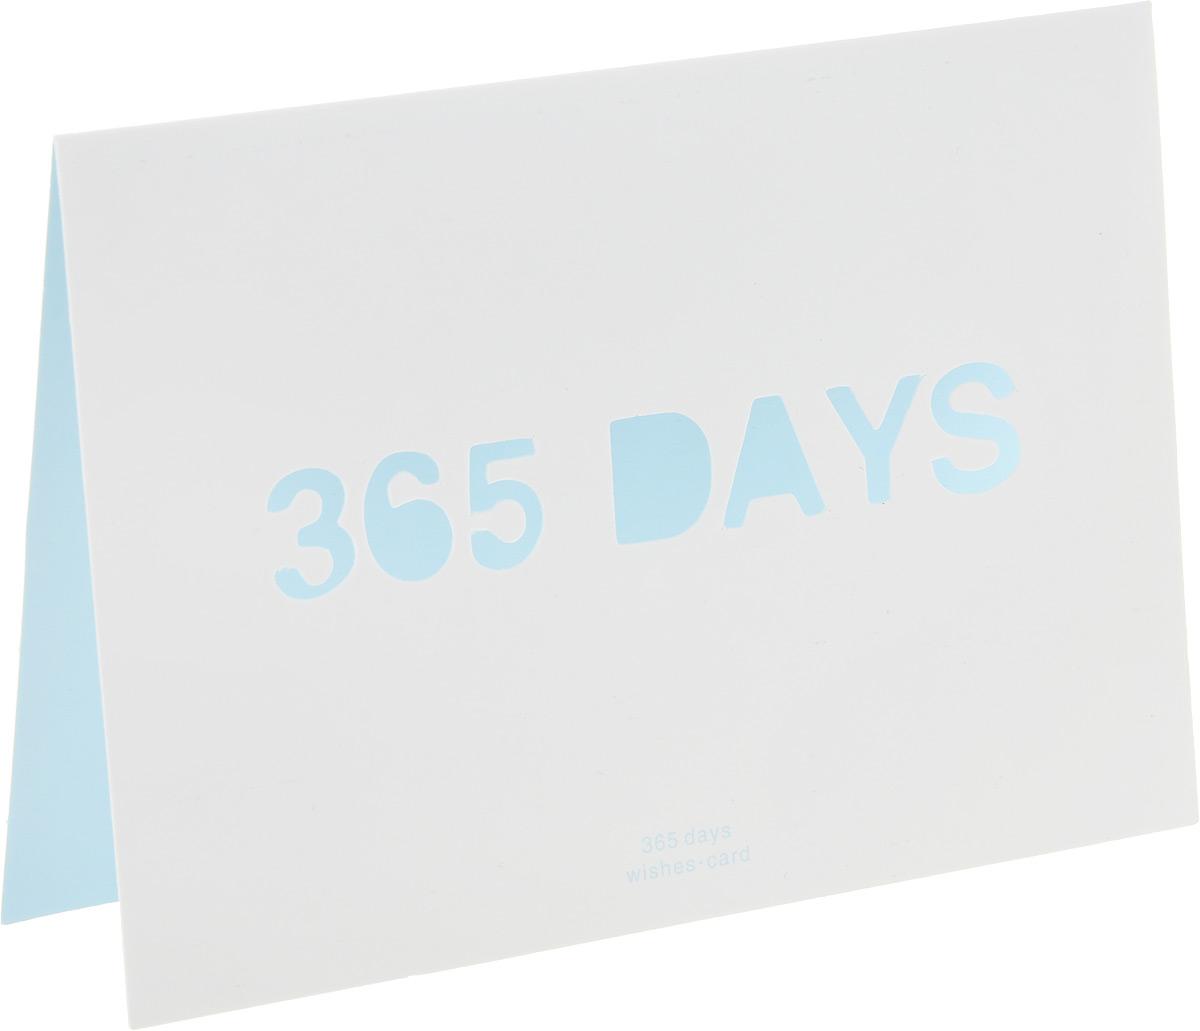 Открытка 365 days41619Двойная открытка 365 days позволит вам оригинально дополнить подарок и поздравить близкого человека. Лицевая сторона открытки оформлена вырезанной надписью 365 days. В комплект входит цветной конверт. Характеристики: Материал:картон, бумага.Размер открытки (в сложенном виде):15 см х 10,5 см.Изготовитель:Китай. УВАЖАЕМЫЕ КЛИЕНТЫ!Обращаем ваше внимание на незначительные изменения в цвете некоторых деталей товара. Поставка осуществляется в зависимости от наличия на складе.